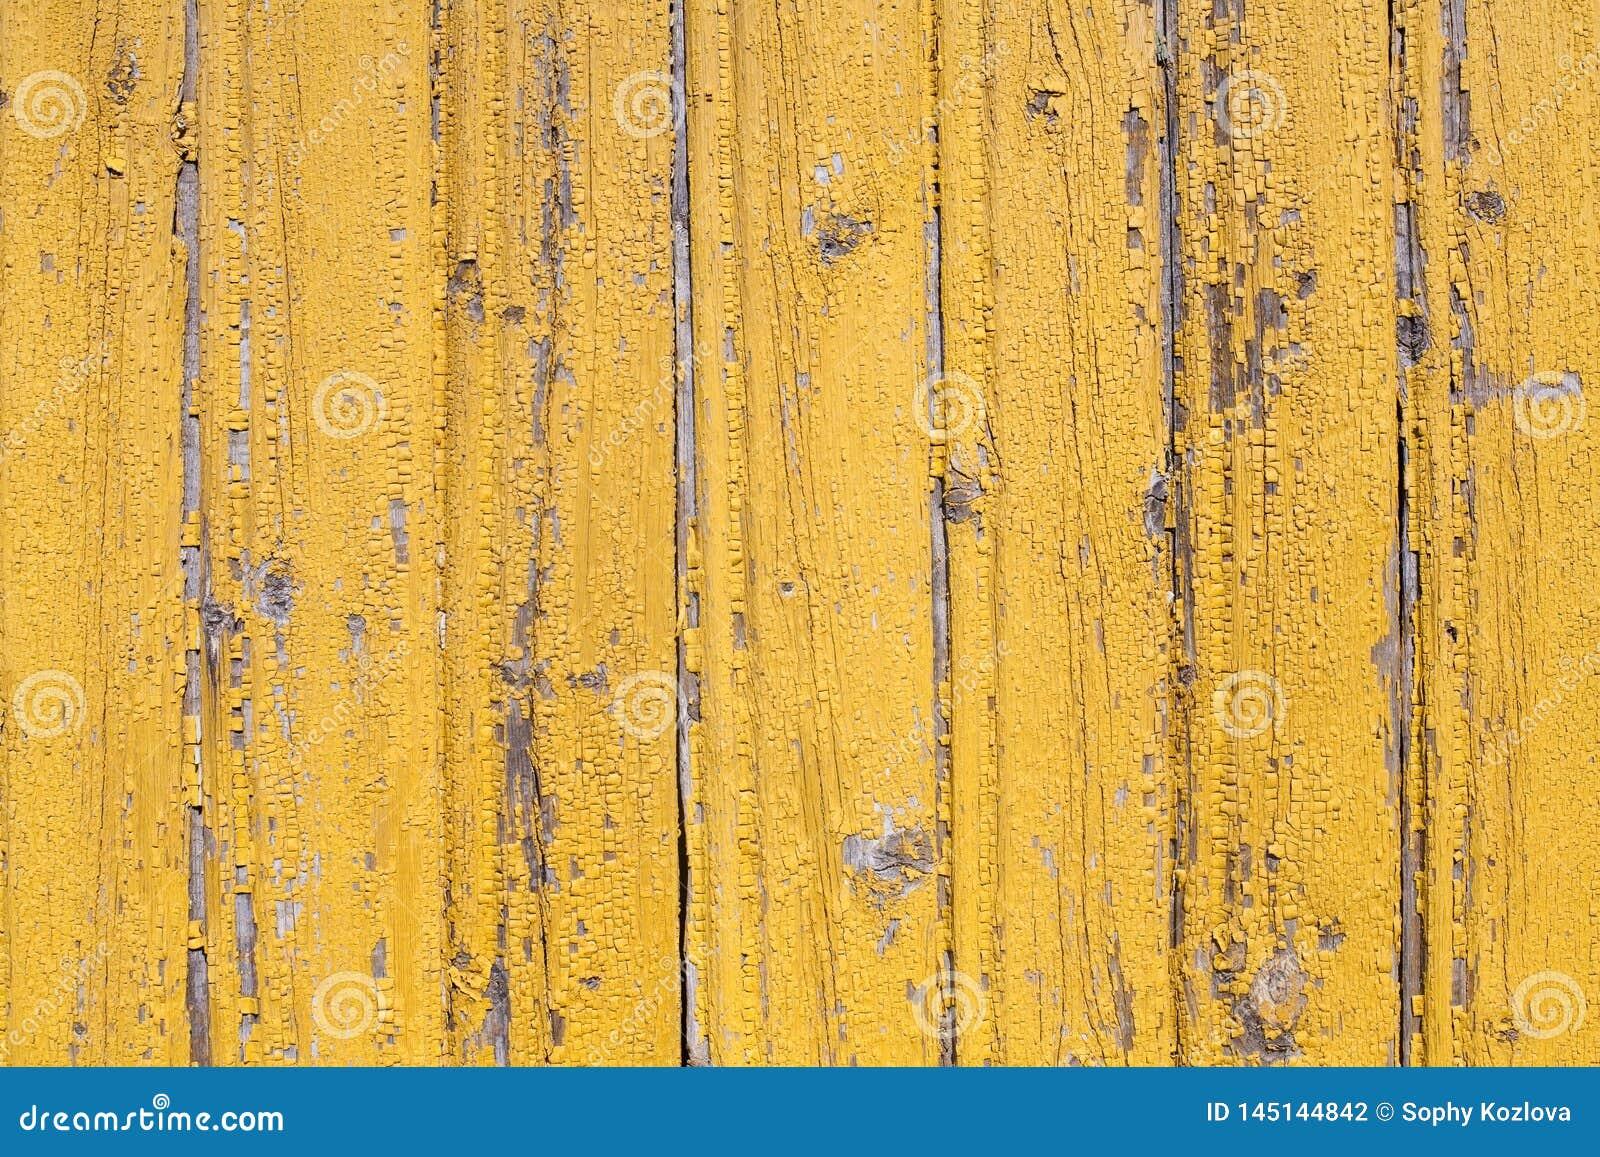 Nieociosany drewniany stary flaked kolor żółty malująca tekstura wyklepany ściana wzór